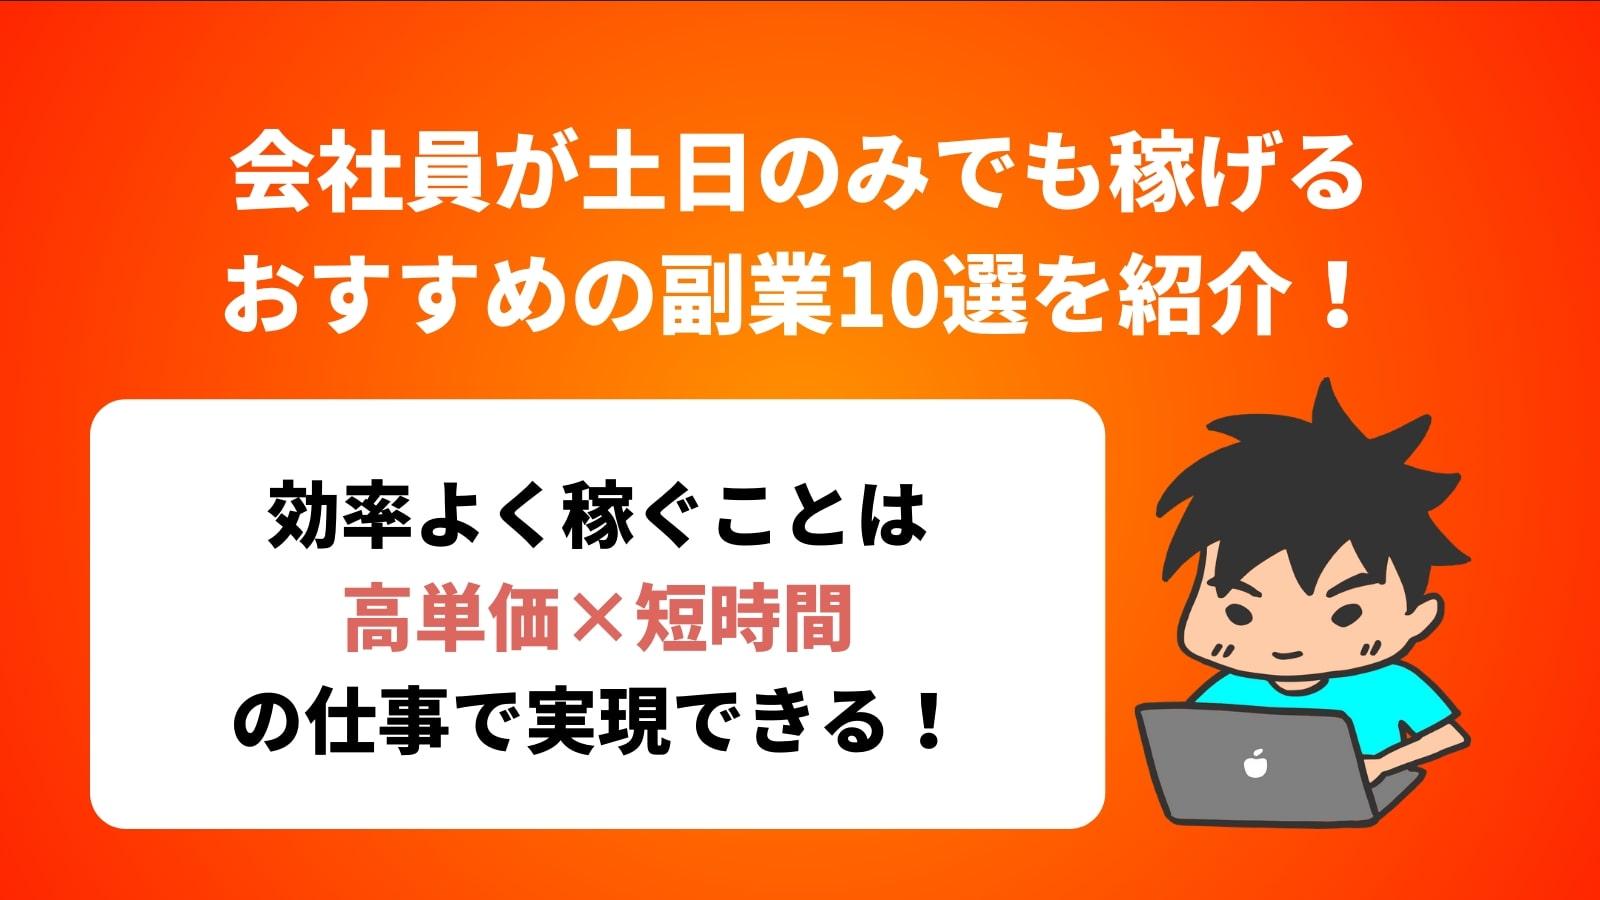 会社員が土日のみでも稼げる おすすめの副業10選を紹介!